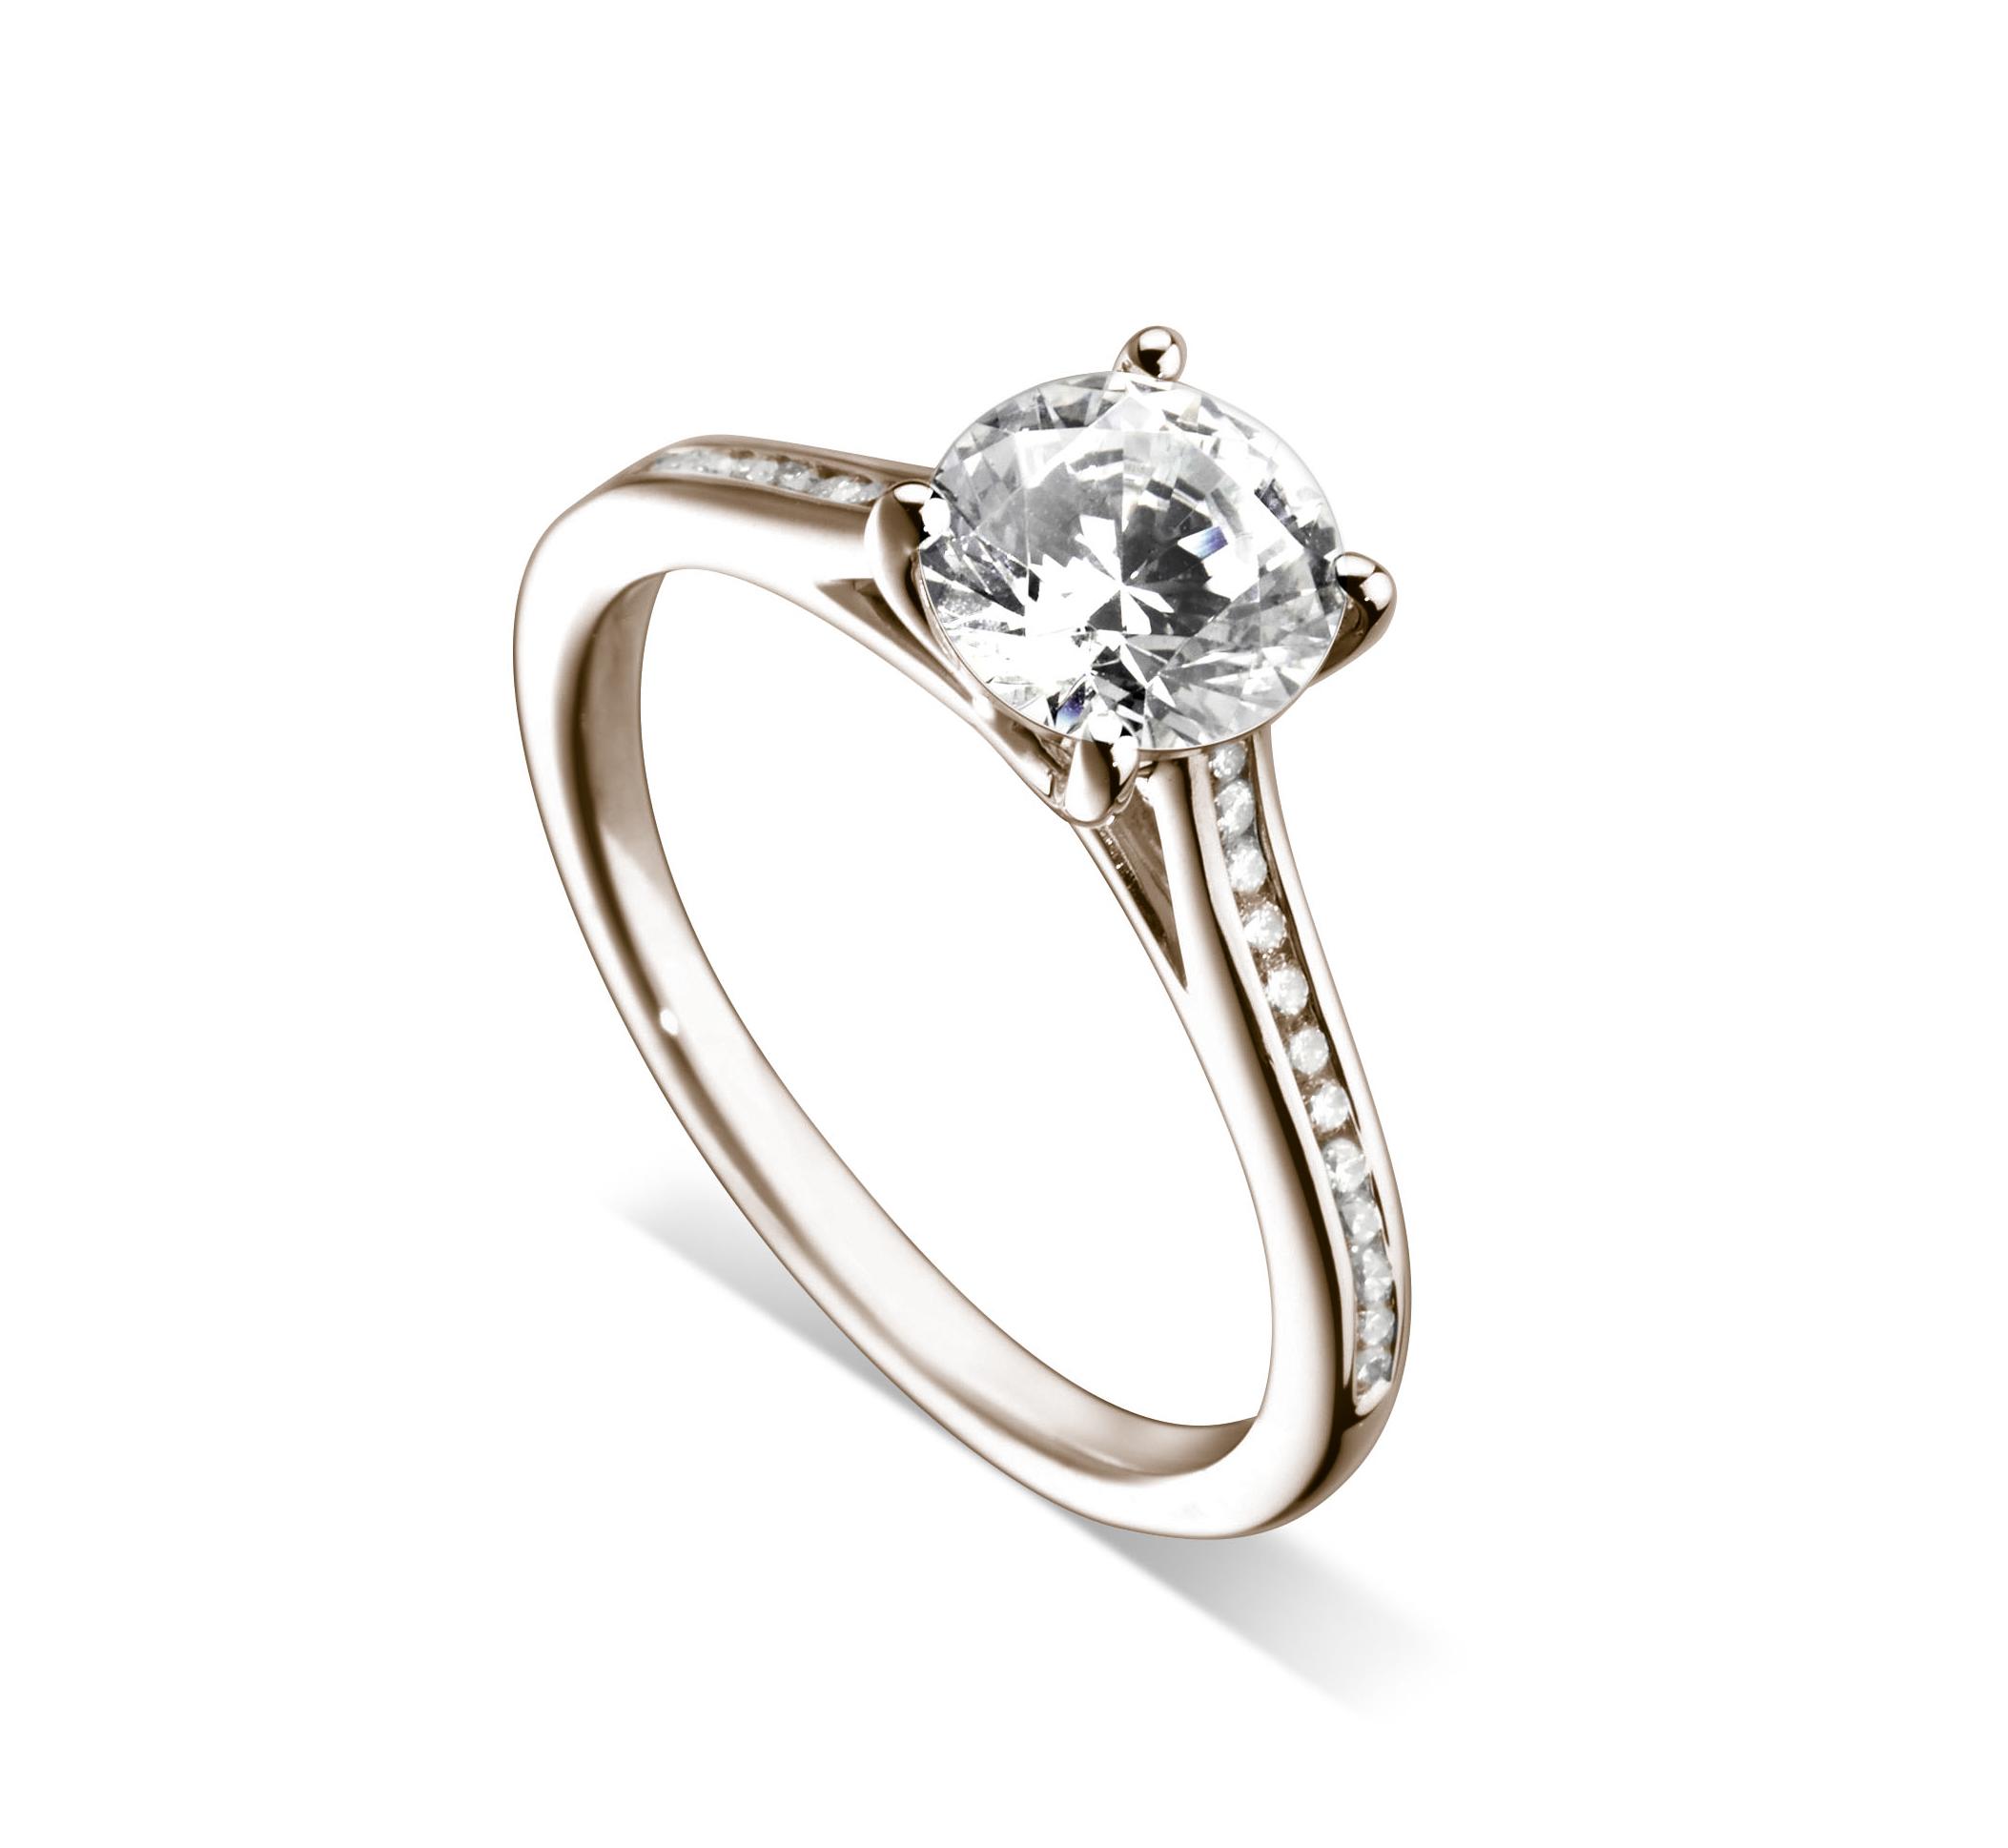 bague de fian ailles diamant or rose 18 carat hauthentic h0777r. Black Bedroom Furniture Sets. Home Design Ideas